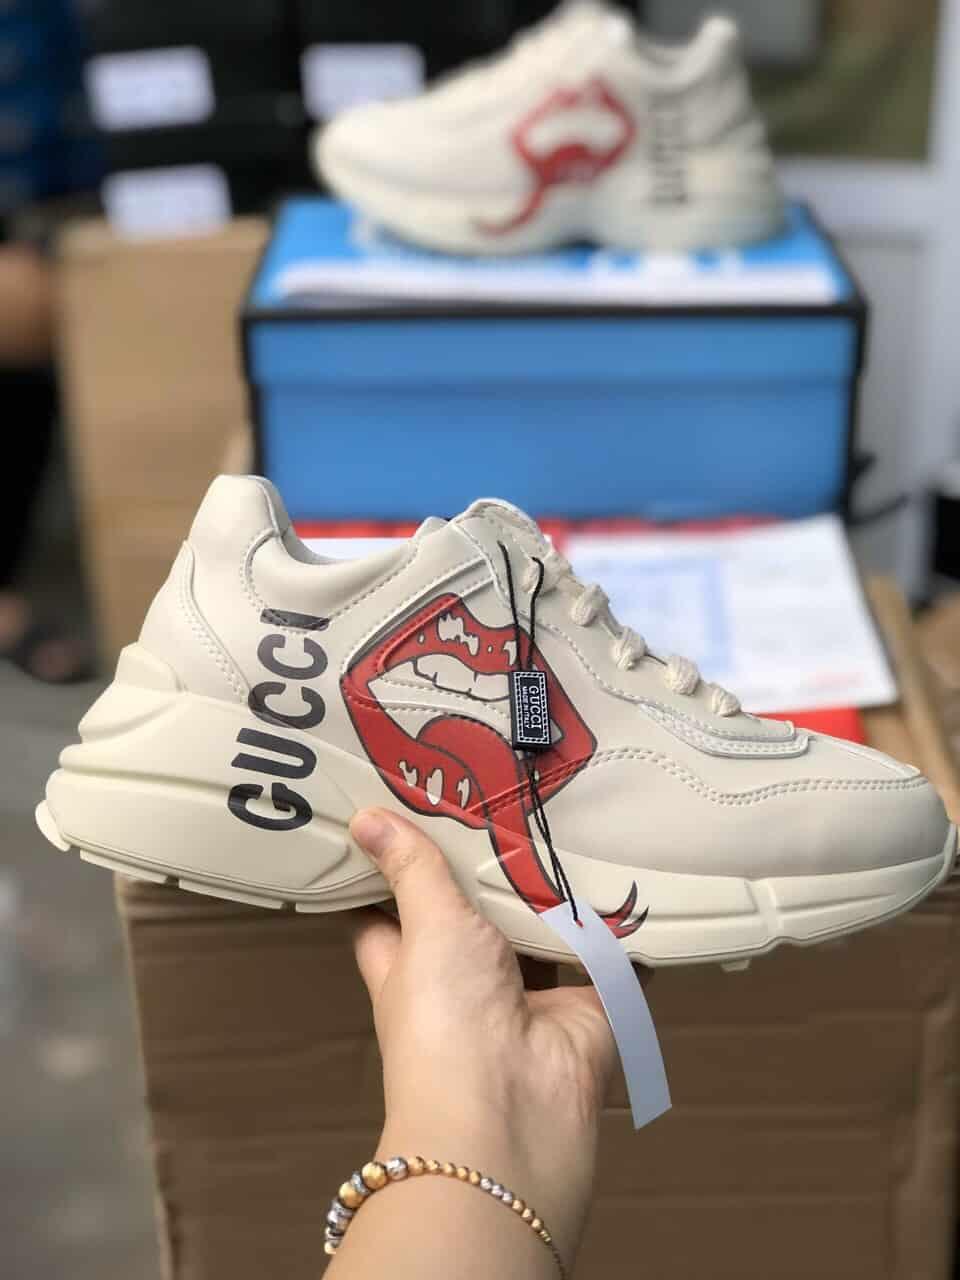 Top giày Sneaker hot nhất năm 2022 được yêu thích nhất hiện nay